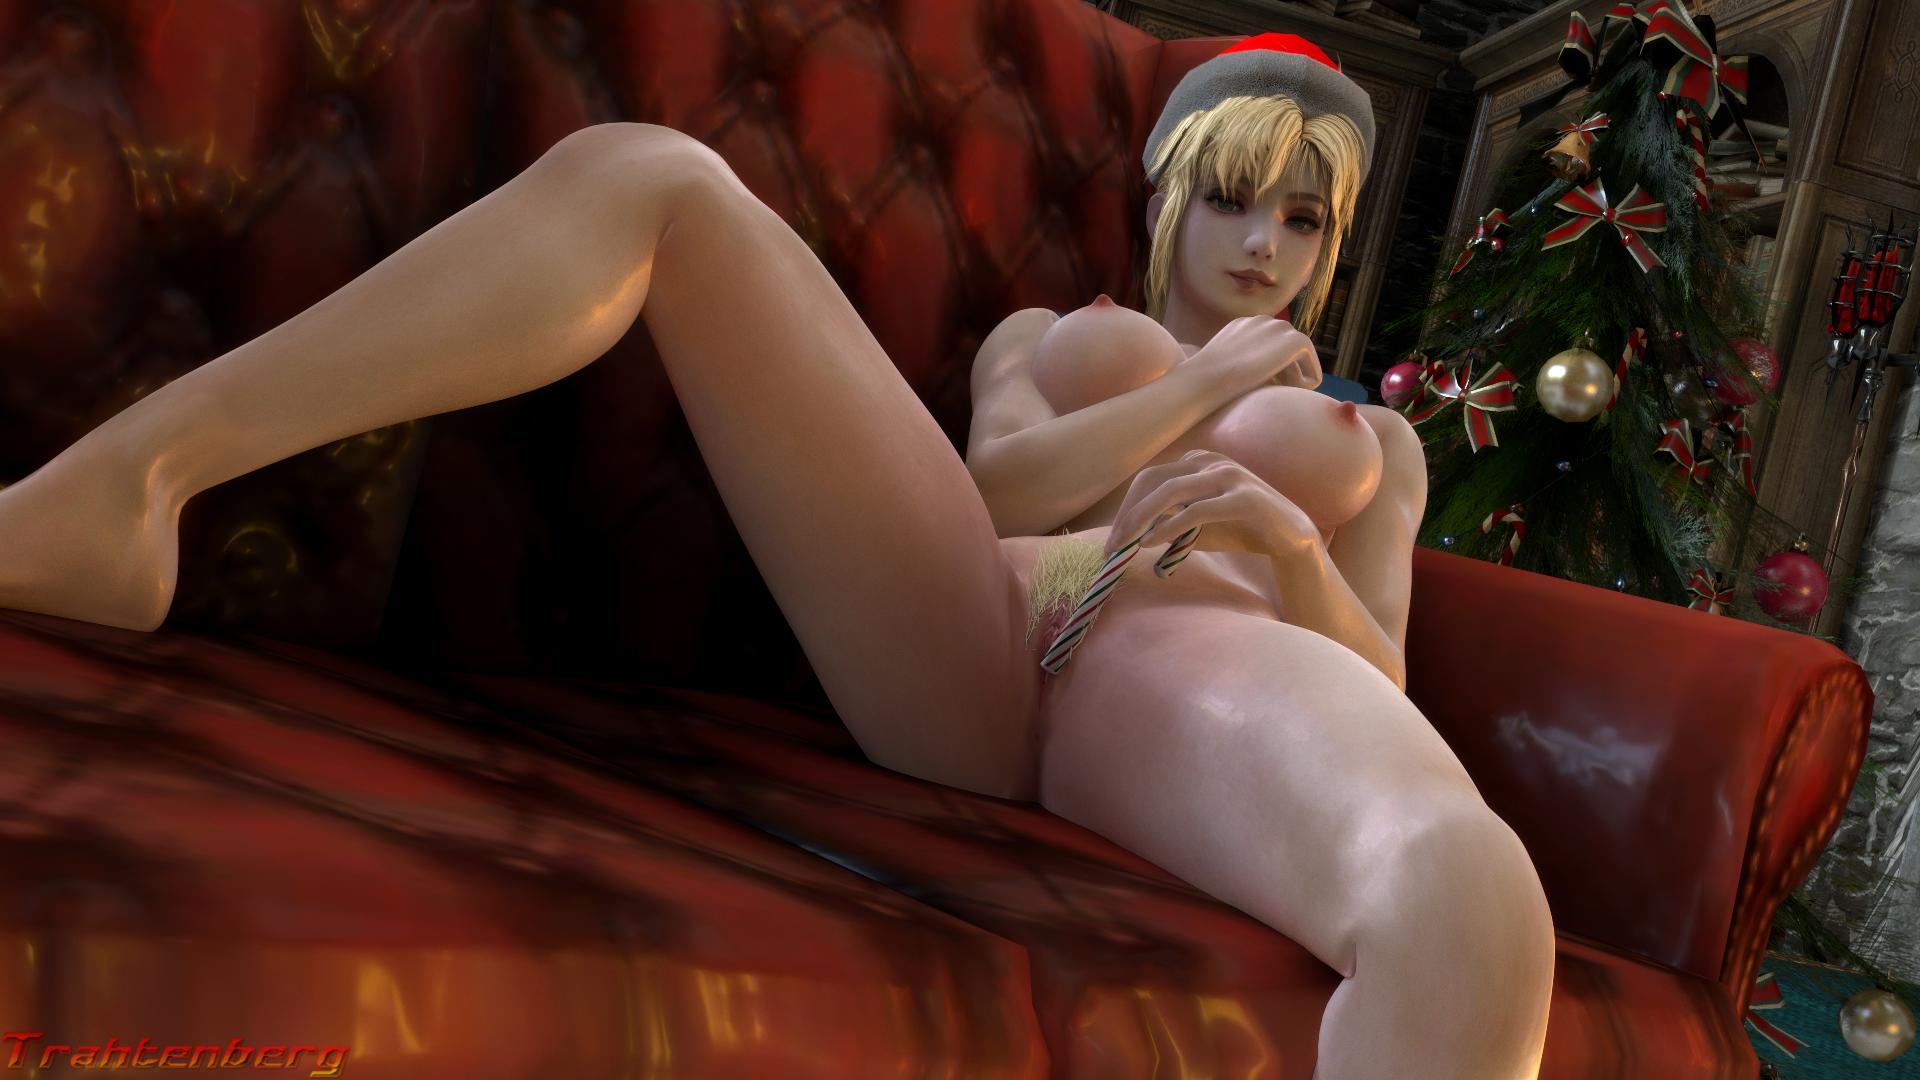 nepali pornstars nude photos